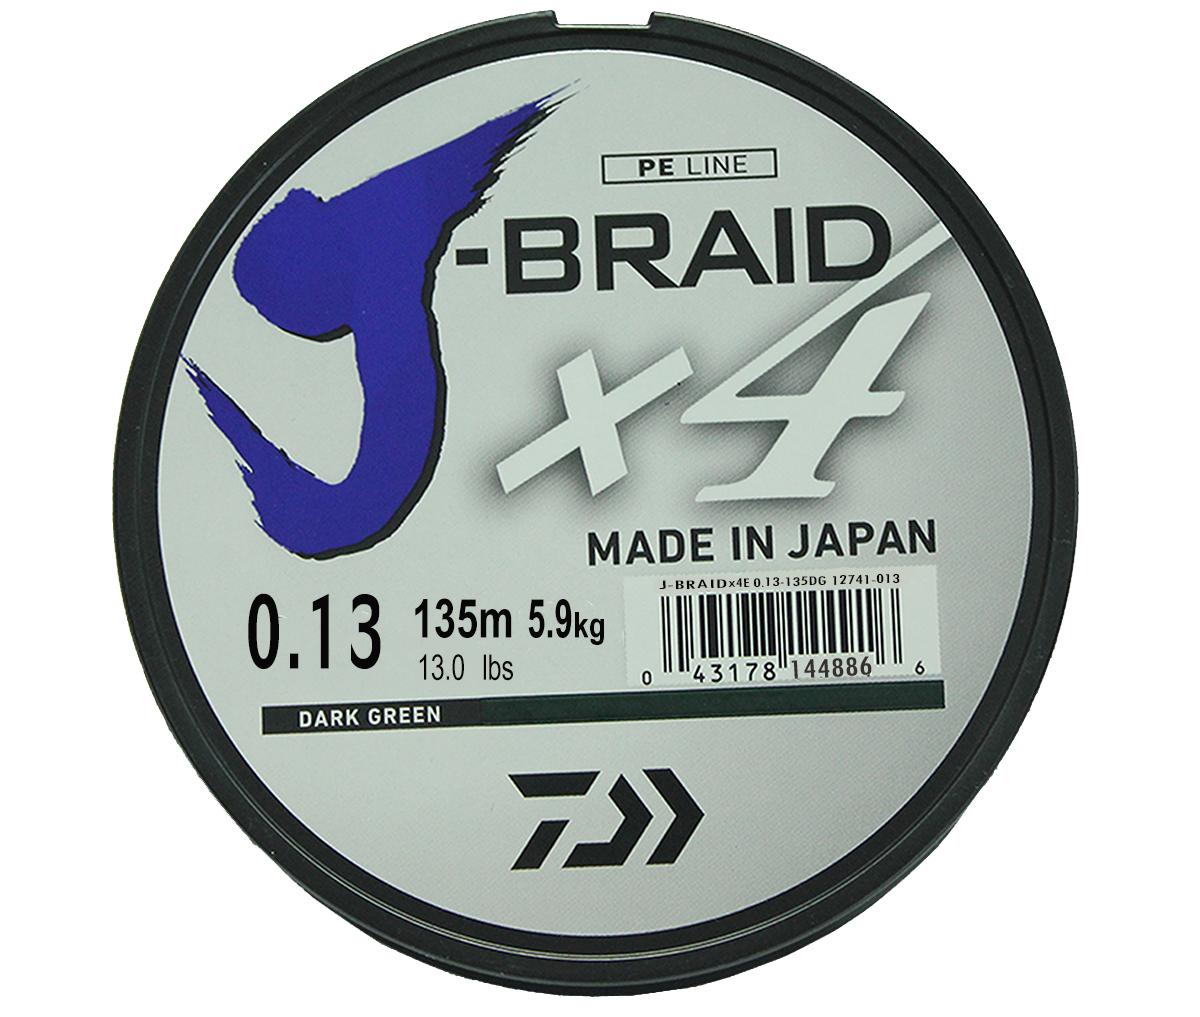 Шнур плетеный Daiwa J-Braid X4, цвет: зеленый, 135 м, 0,13 мм61160Новый 4х жильный шнур J-Braid, DAIWA - шнур высокого класса с удивительным соотношением цены и качества. Качество плетения полностью соответствует японским стандартам и удовлетворяет всем требованиям. Представленные диаметры позволяют использовать шнур для всех техник ловли, начиная от ultra- light ловли окуня, до морской ловли палтуса, трески и т.д